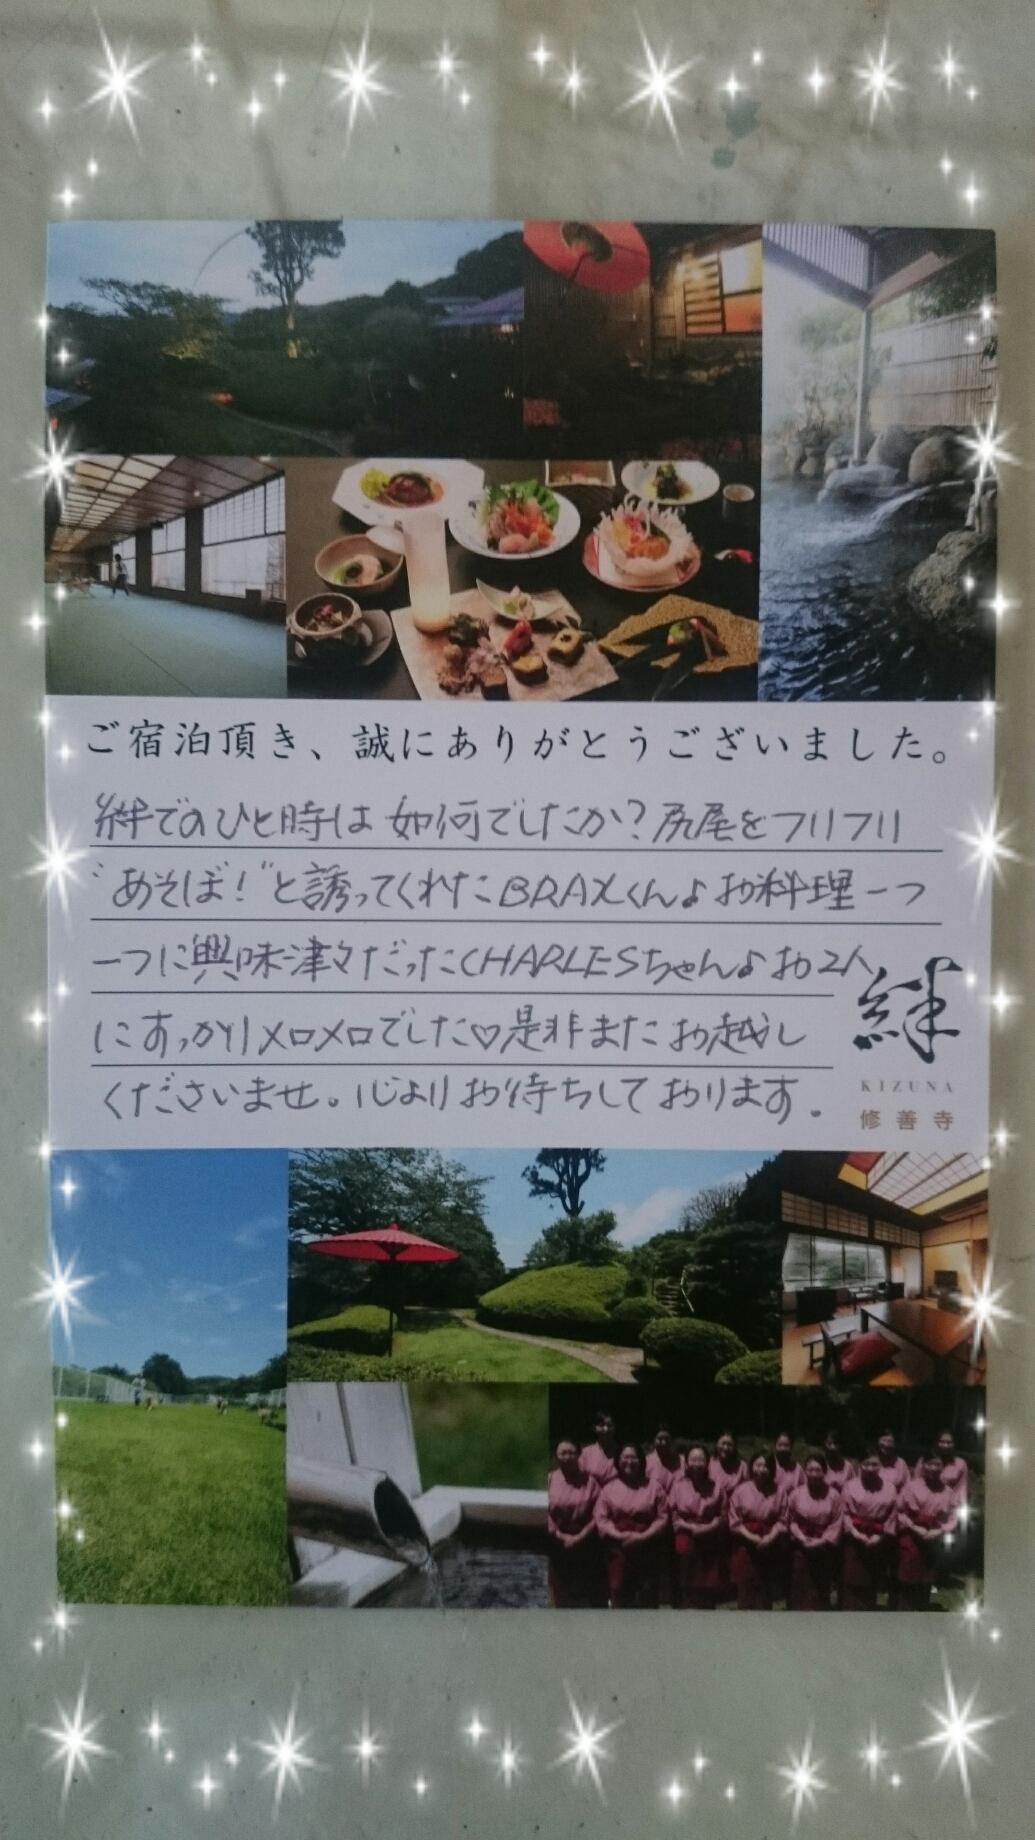 160831_kizuna4_15.jpg